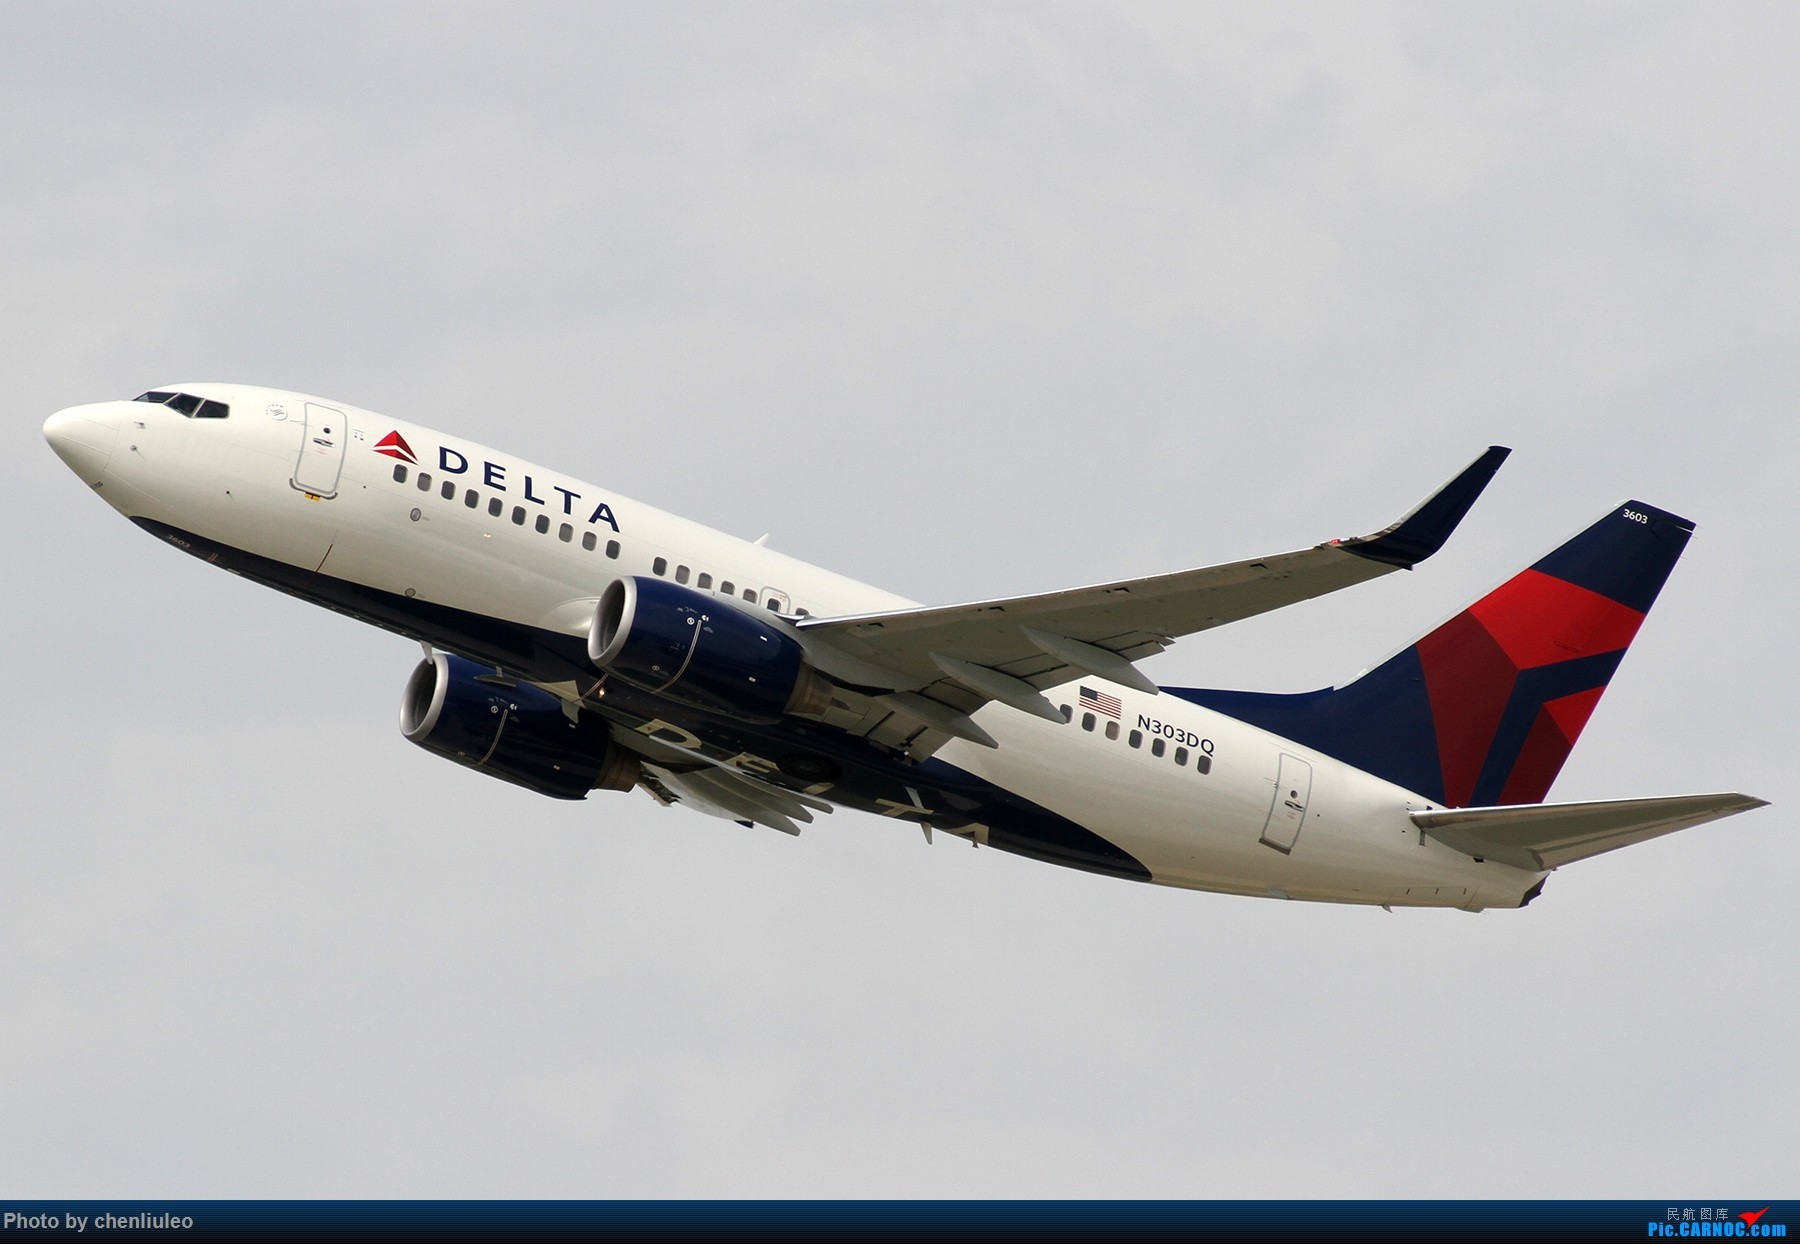 Re:[原创]【北美飞友会】芝加哥奥黑尔机场首拍 BOEING 737-700 N303DQ 美国芝加哥奥黑尔国际机场